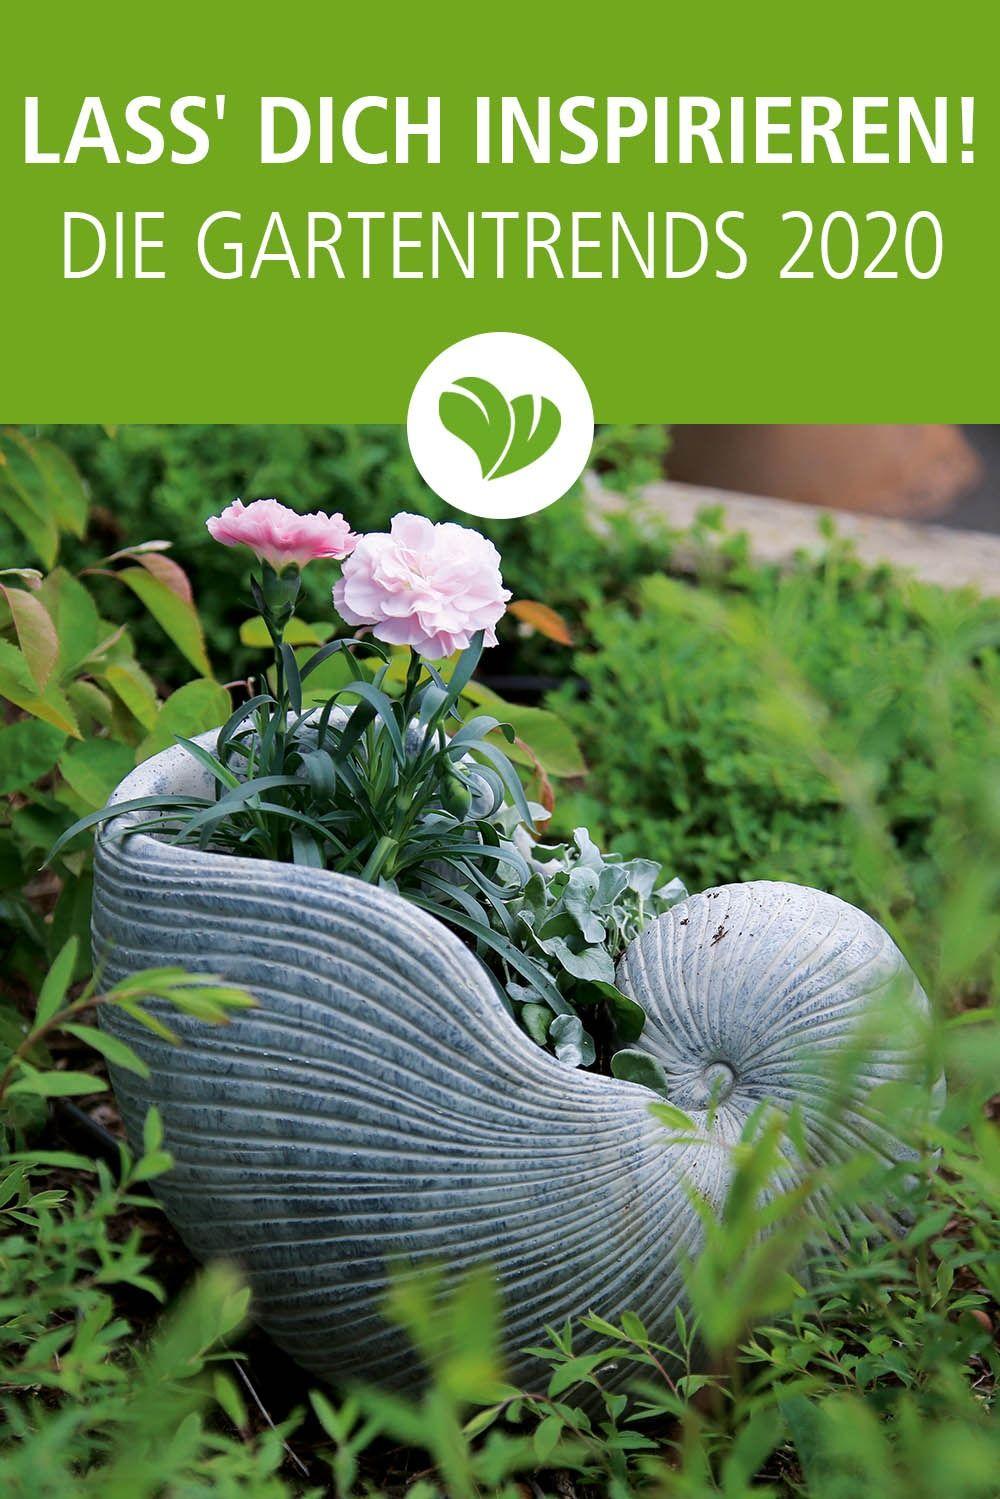 Gartendeko Und Zubehor Entdecken Garten Deko Pflanzen Garten